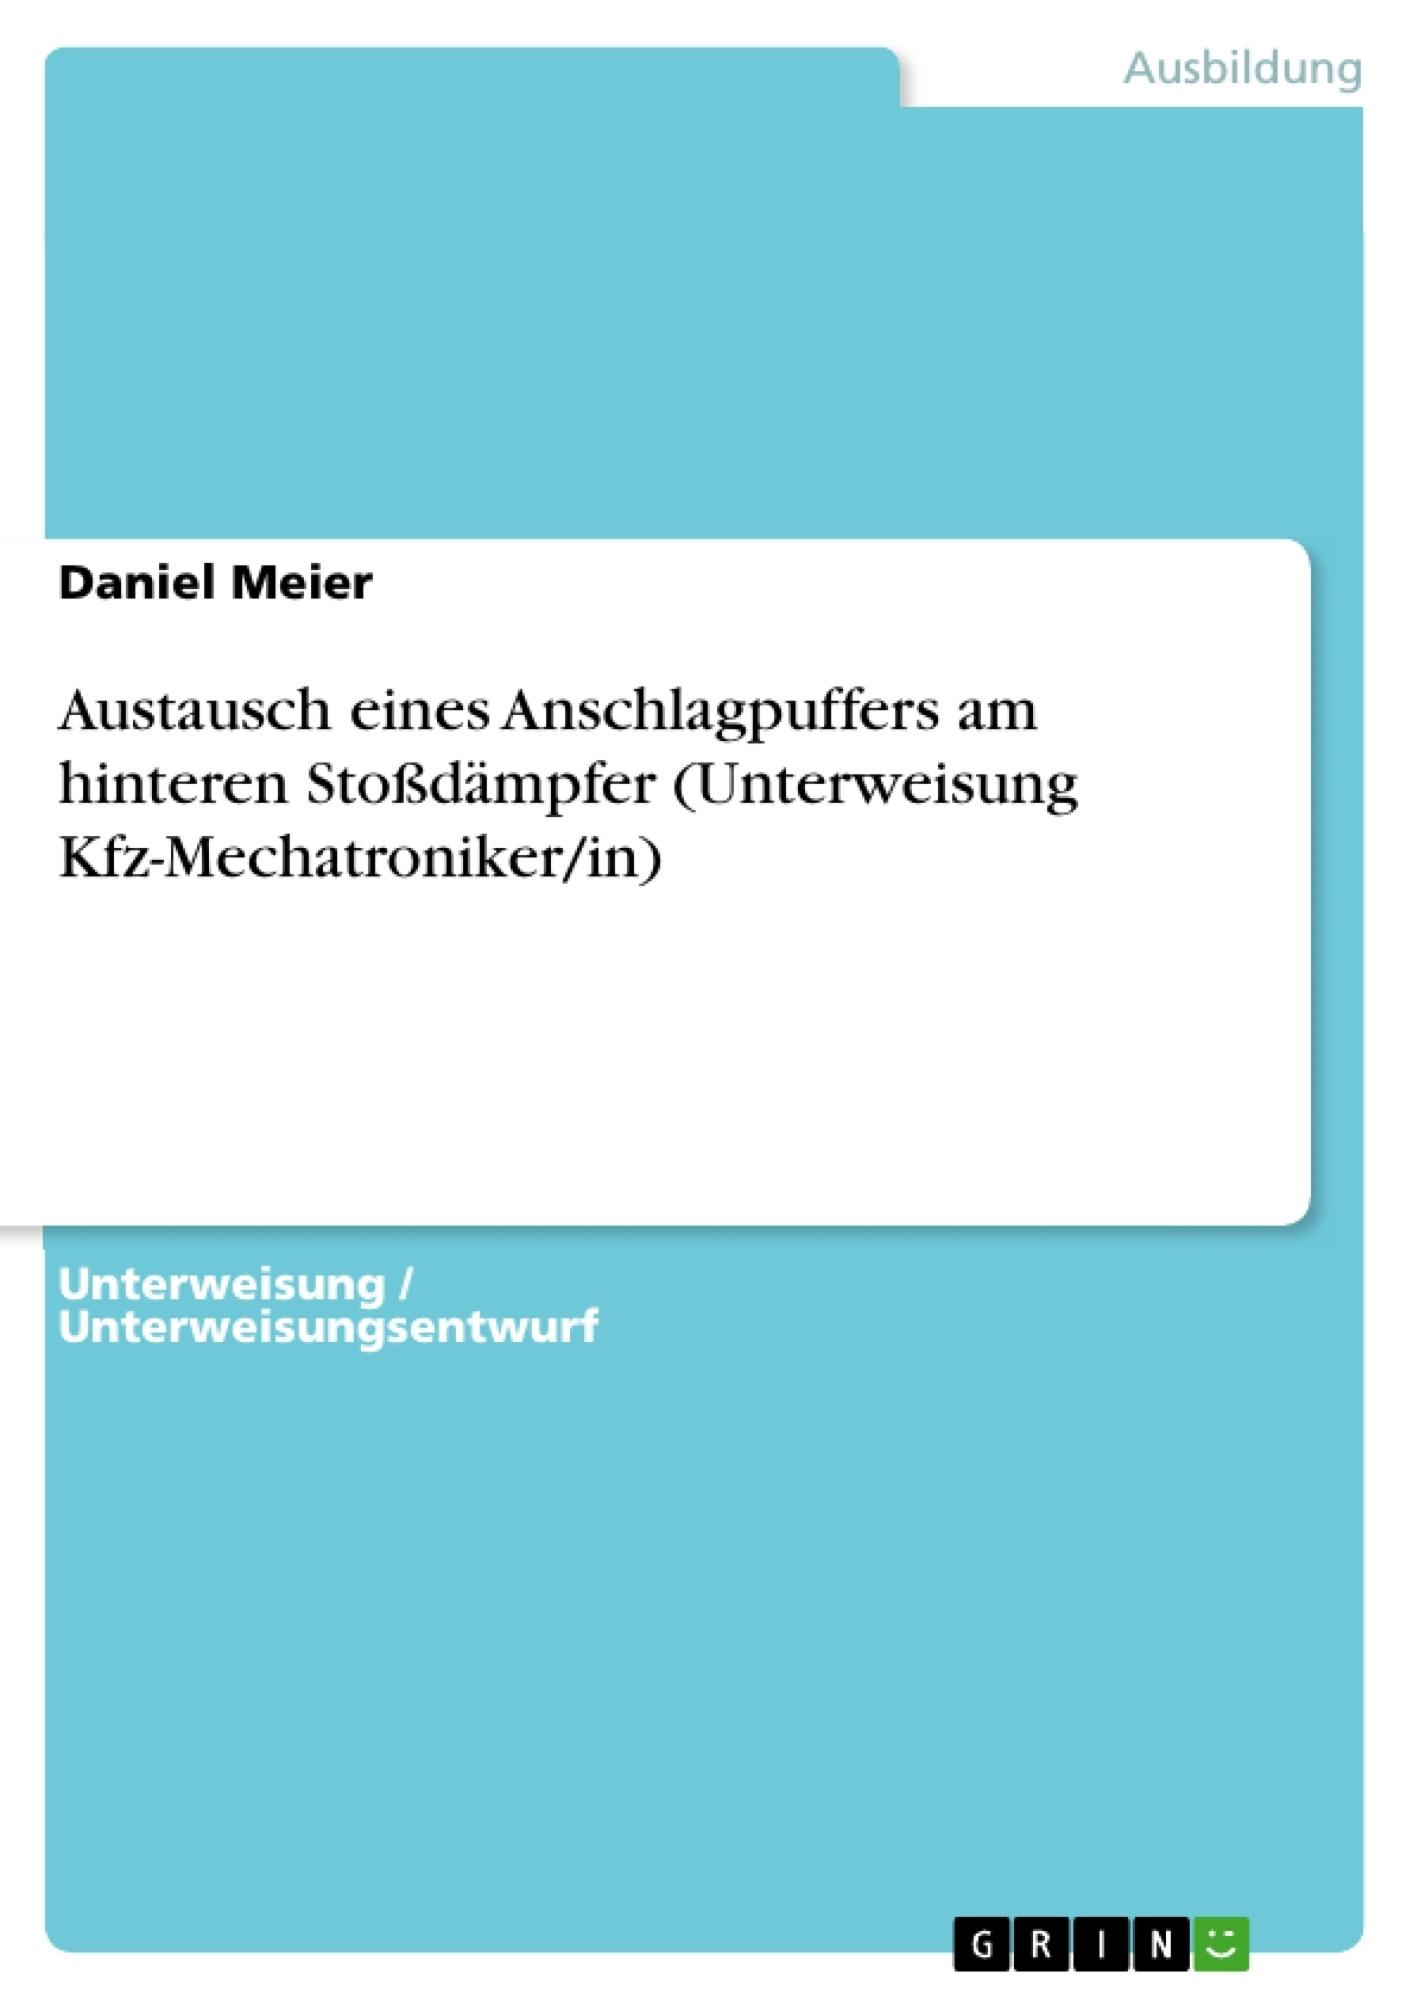 Titel: Austausch eines Anschlagpuffers am hinteren Stoßdämpfer (Unterweisung Kfz-Mechatroniker/in)